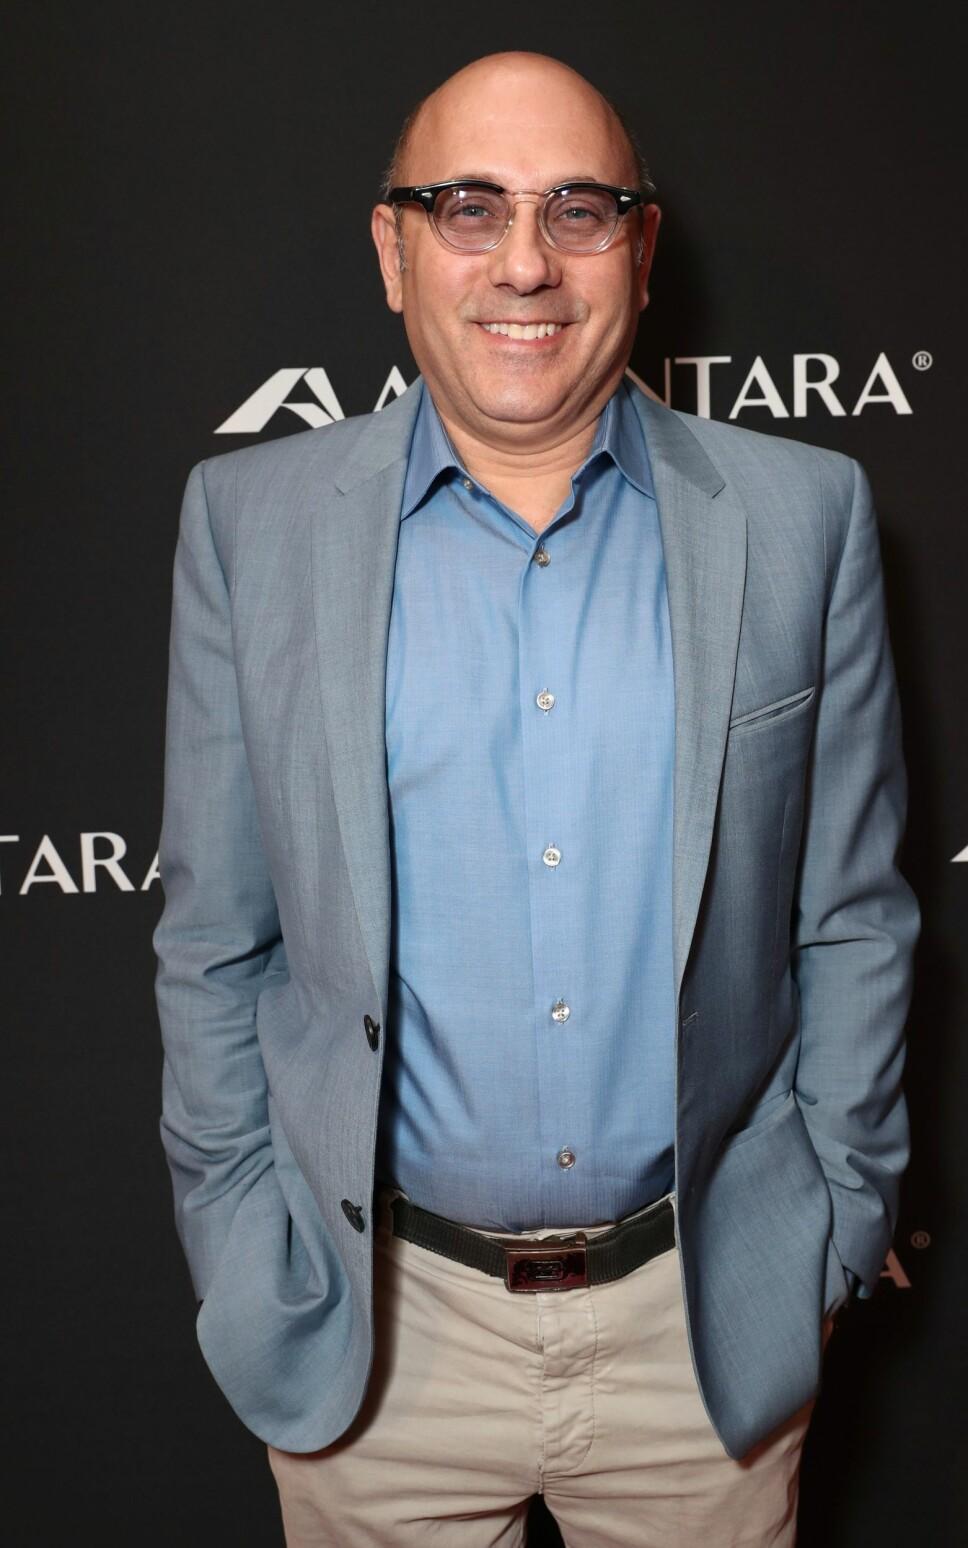 Willie Garson spilte Carries venn Stanford Blatch.